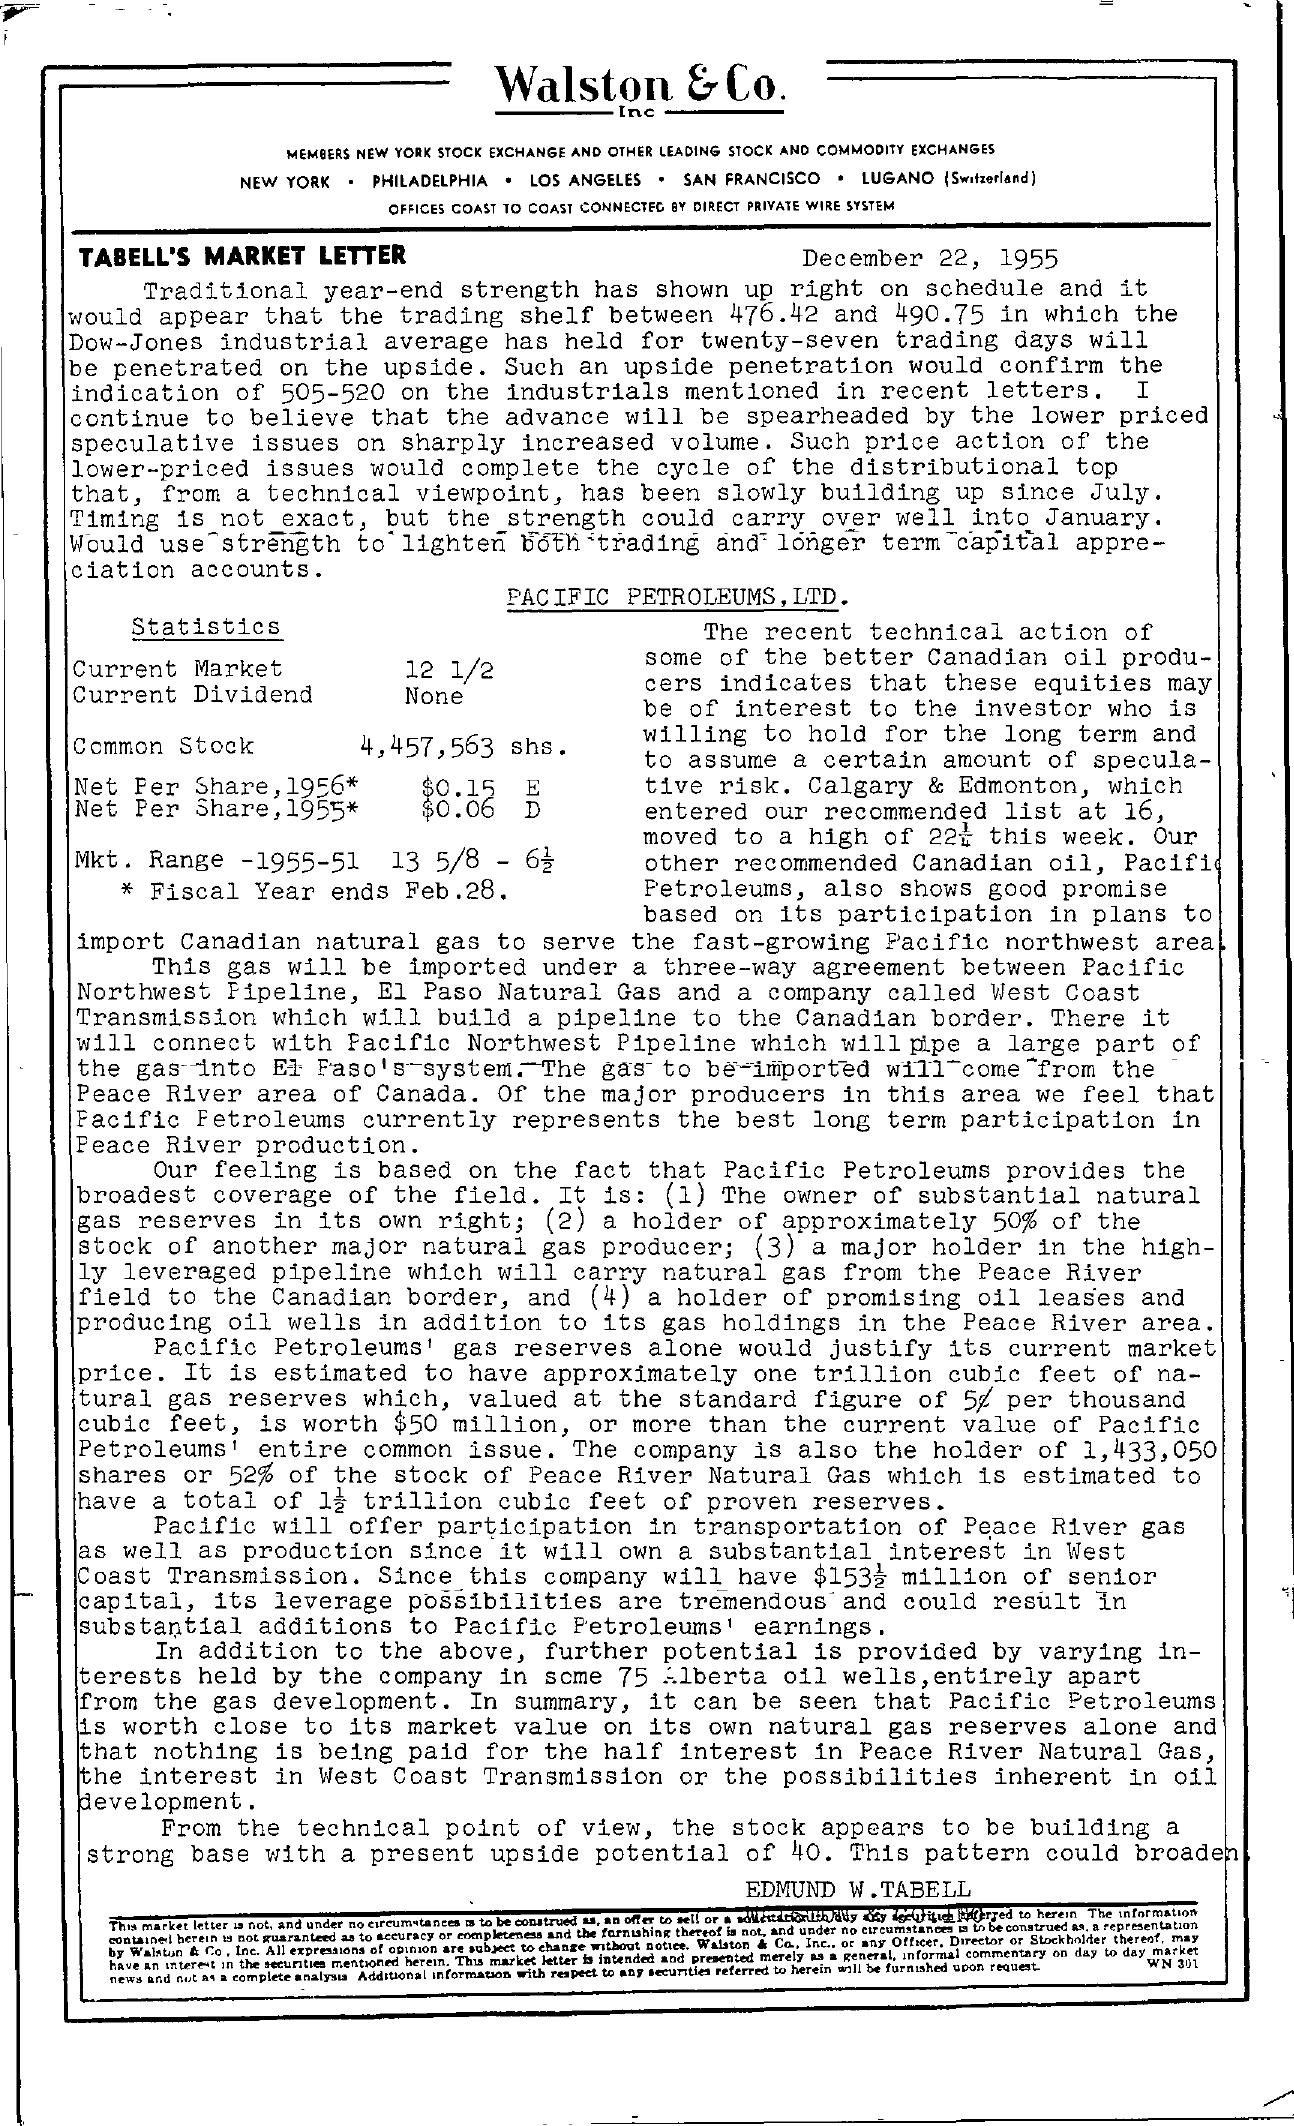 Tabell's Market Letter - December 22, 1955